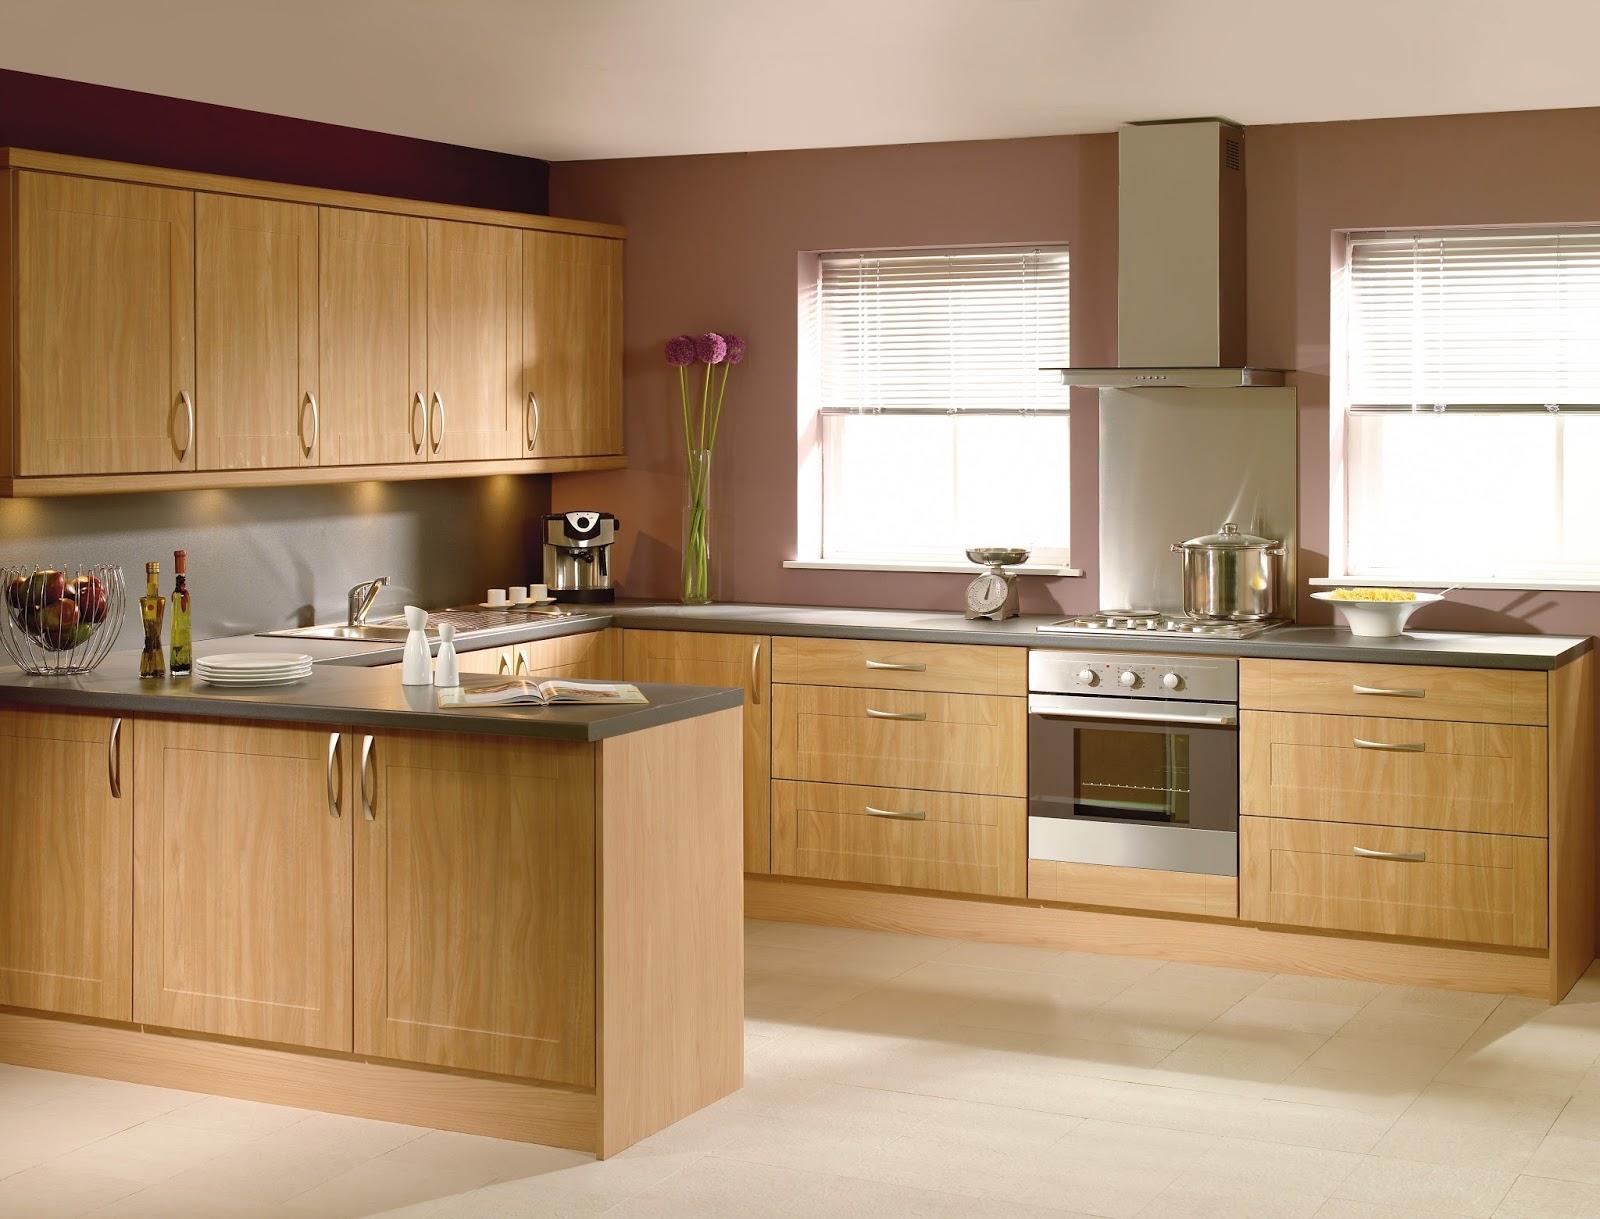 Good Kitchen Mark Wadsworth Good Kitchen Design 5